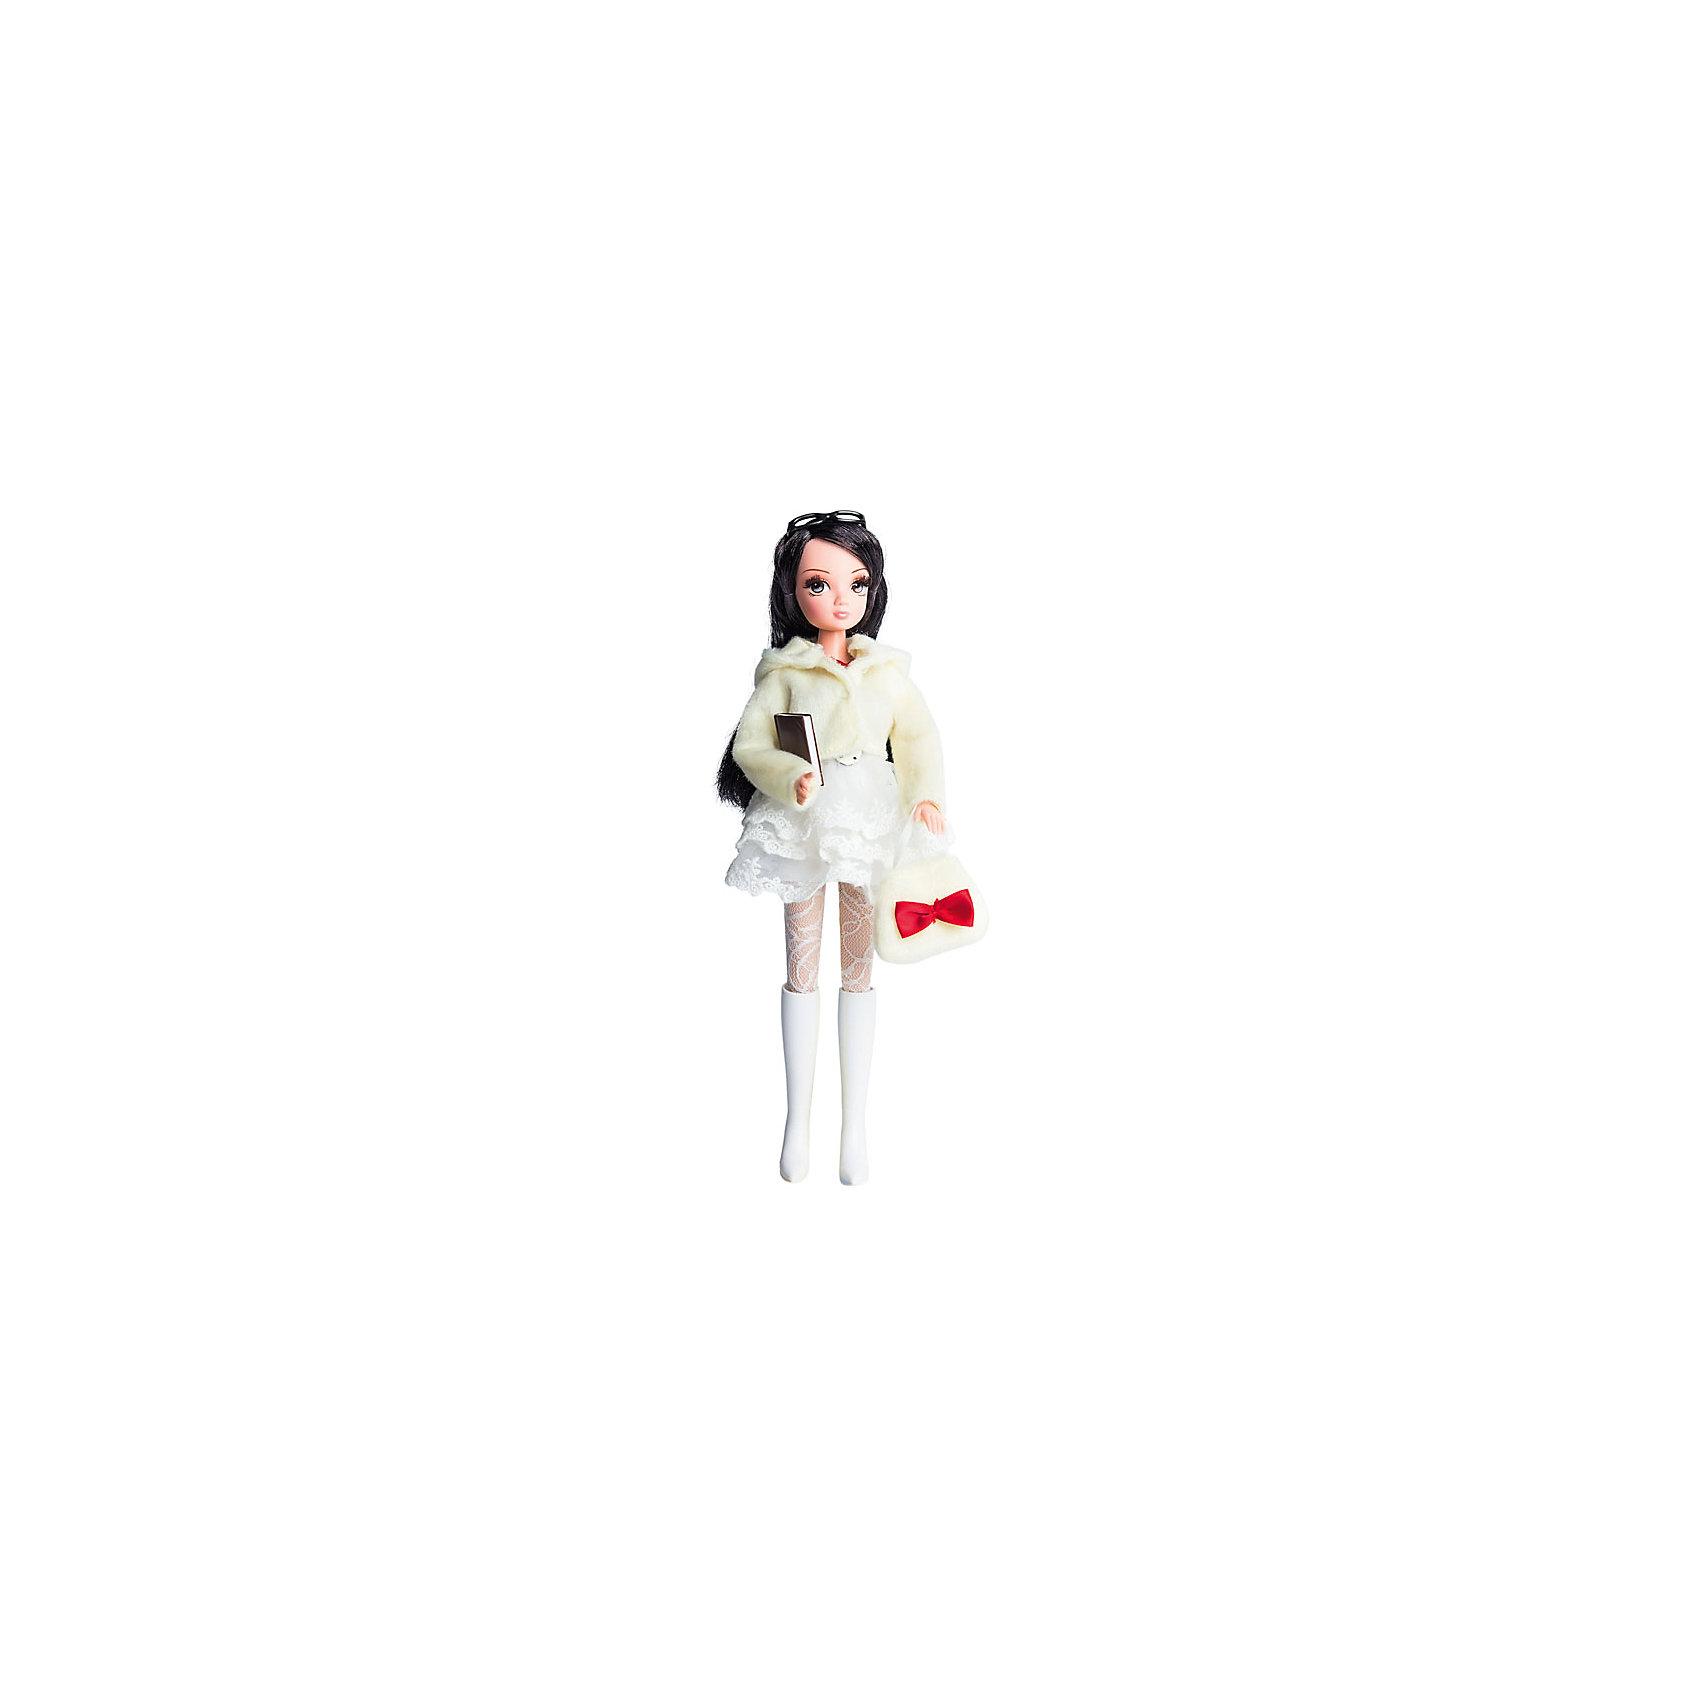 Кукла в меховой куртке, серия Daily collection, Sonya RoseХарактеристики товара:<br><br>- цвет: разноцветный;<br>- материал: пластик, текстиль;<br>- особенности: подвижные руки и ноги, голова;<br>- размер упаковки: 17х34х7 см;<br>- комплектация: кукла, одежда, аксессуары;<br>- размер куклы: 27 см.<br><br>Такие красивые куклы не оставят ребенка равнодушным! Какая девочка откажется поиграть с куклой в стильном наряде?! Игрушка хорошо детализирована, очень качественно выполнена, поэтому она станет отличным подарком ребенку. В наборе идут одежда и аксессуары, которые можно снять!<br>При играх с куклами у детей активизируется мышление, воображение, развиваются творческие способности, нарабатываются варианты социального взаимодействия, дети учатся заботиться о других. Изделие произведено из высококачественного материала, безопасного для детей.<br><br>Куклу в меховой куртке, серия Daily collection, от бренда Sonya Rose можно купить в нашем интернет-магазине.<br><br>Ширина мм: 230<br>Глубина мм: 320<br>Высота мм: 70<br>Вес г: 352<br>Возраст от месяцев: 36<br>Возраст до месяцев: 2147483647<br>Пол: Женский<br>Возраст: Детский<br>SKU: 5079159